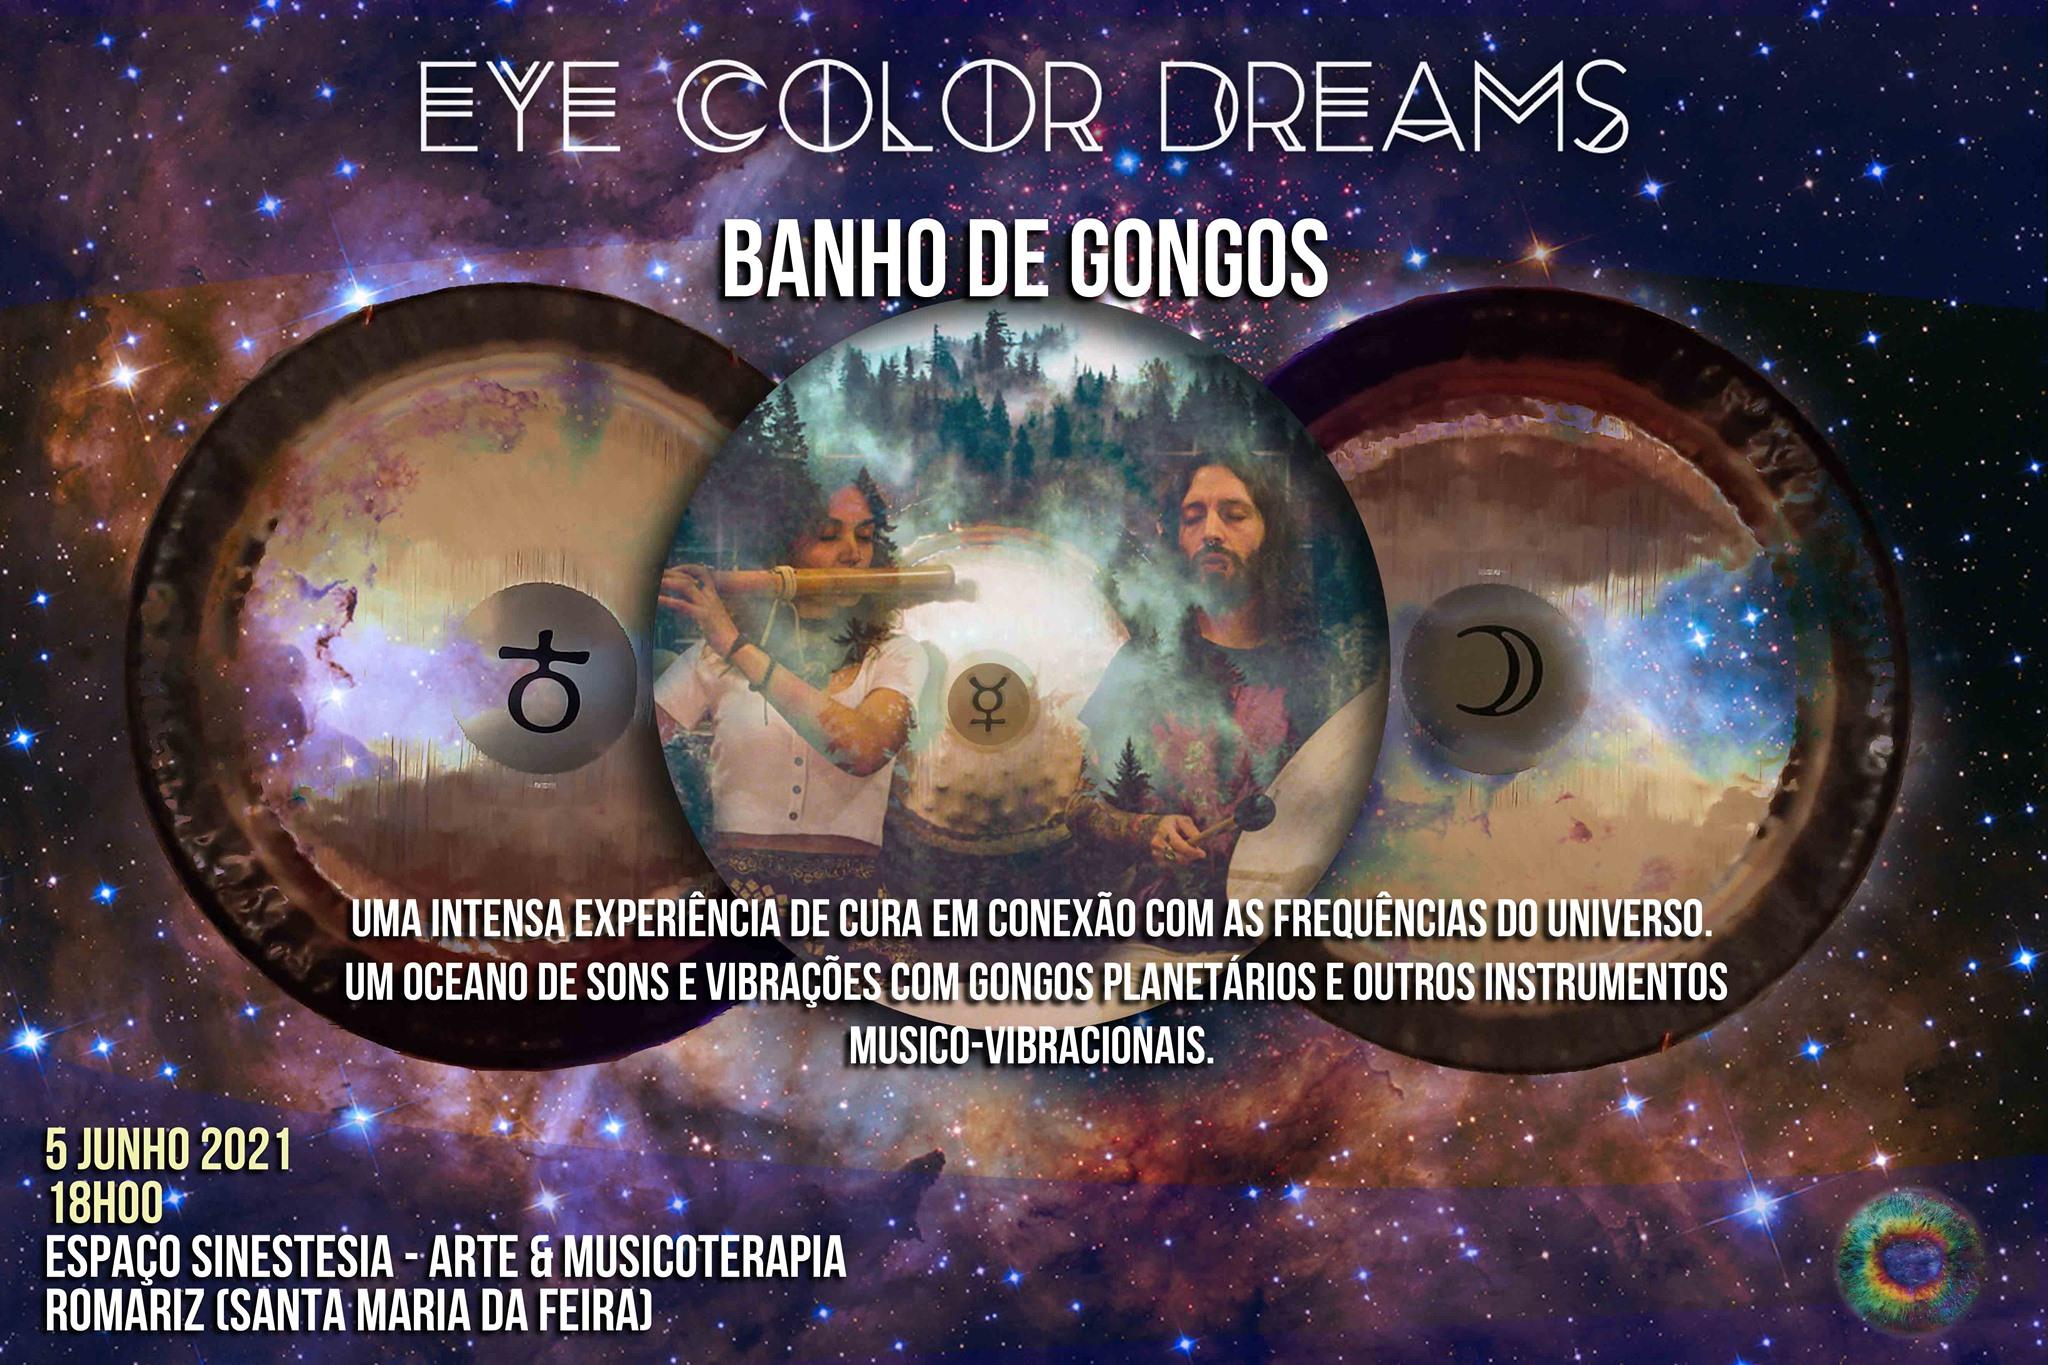 Banho de Gongos (Concerto Meditativo) - Eye Color Dreams